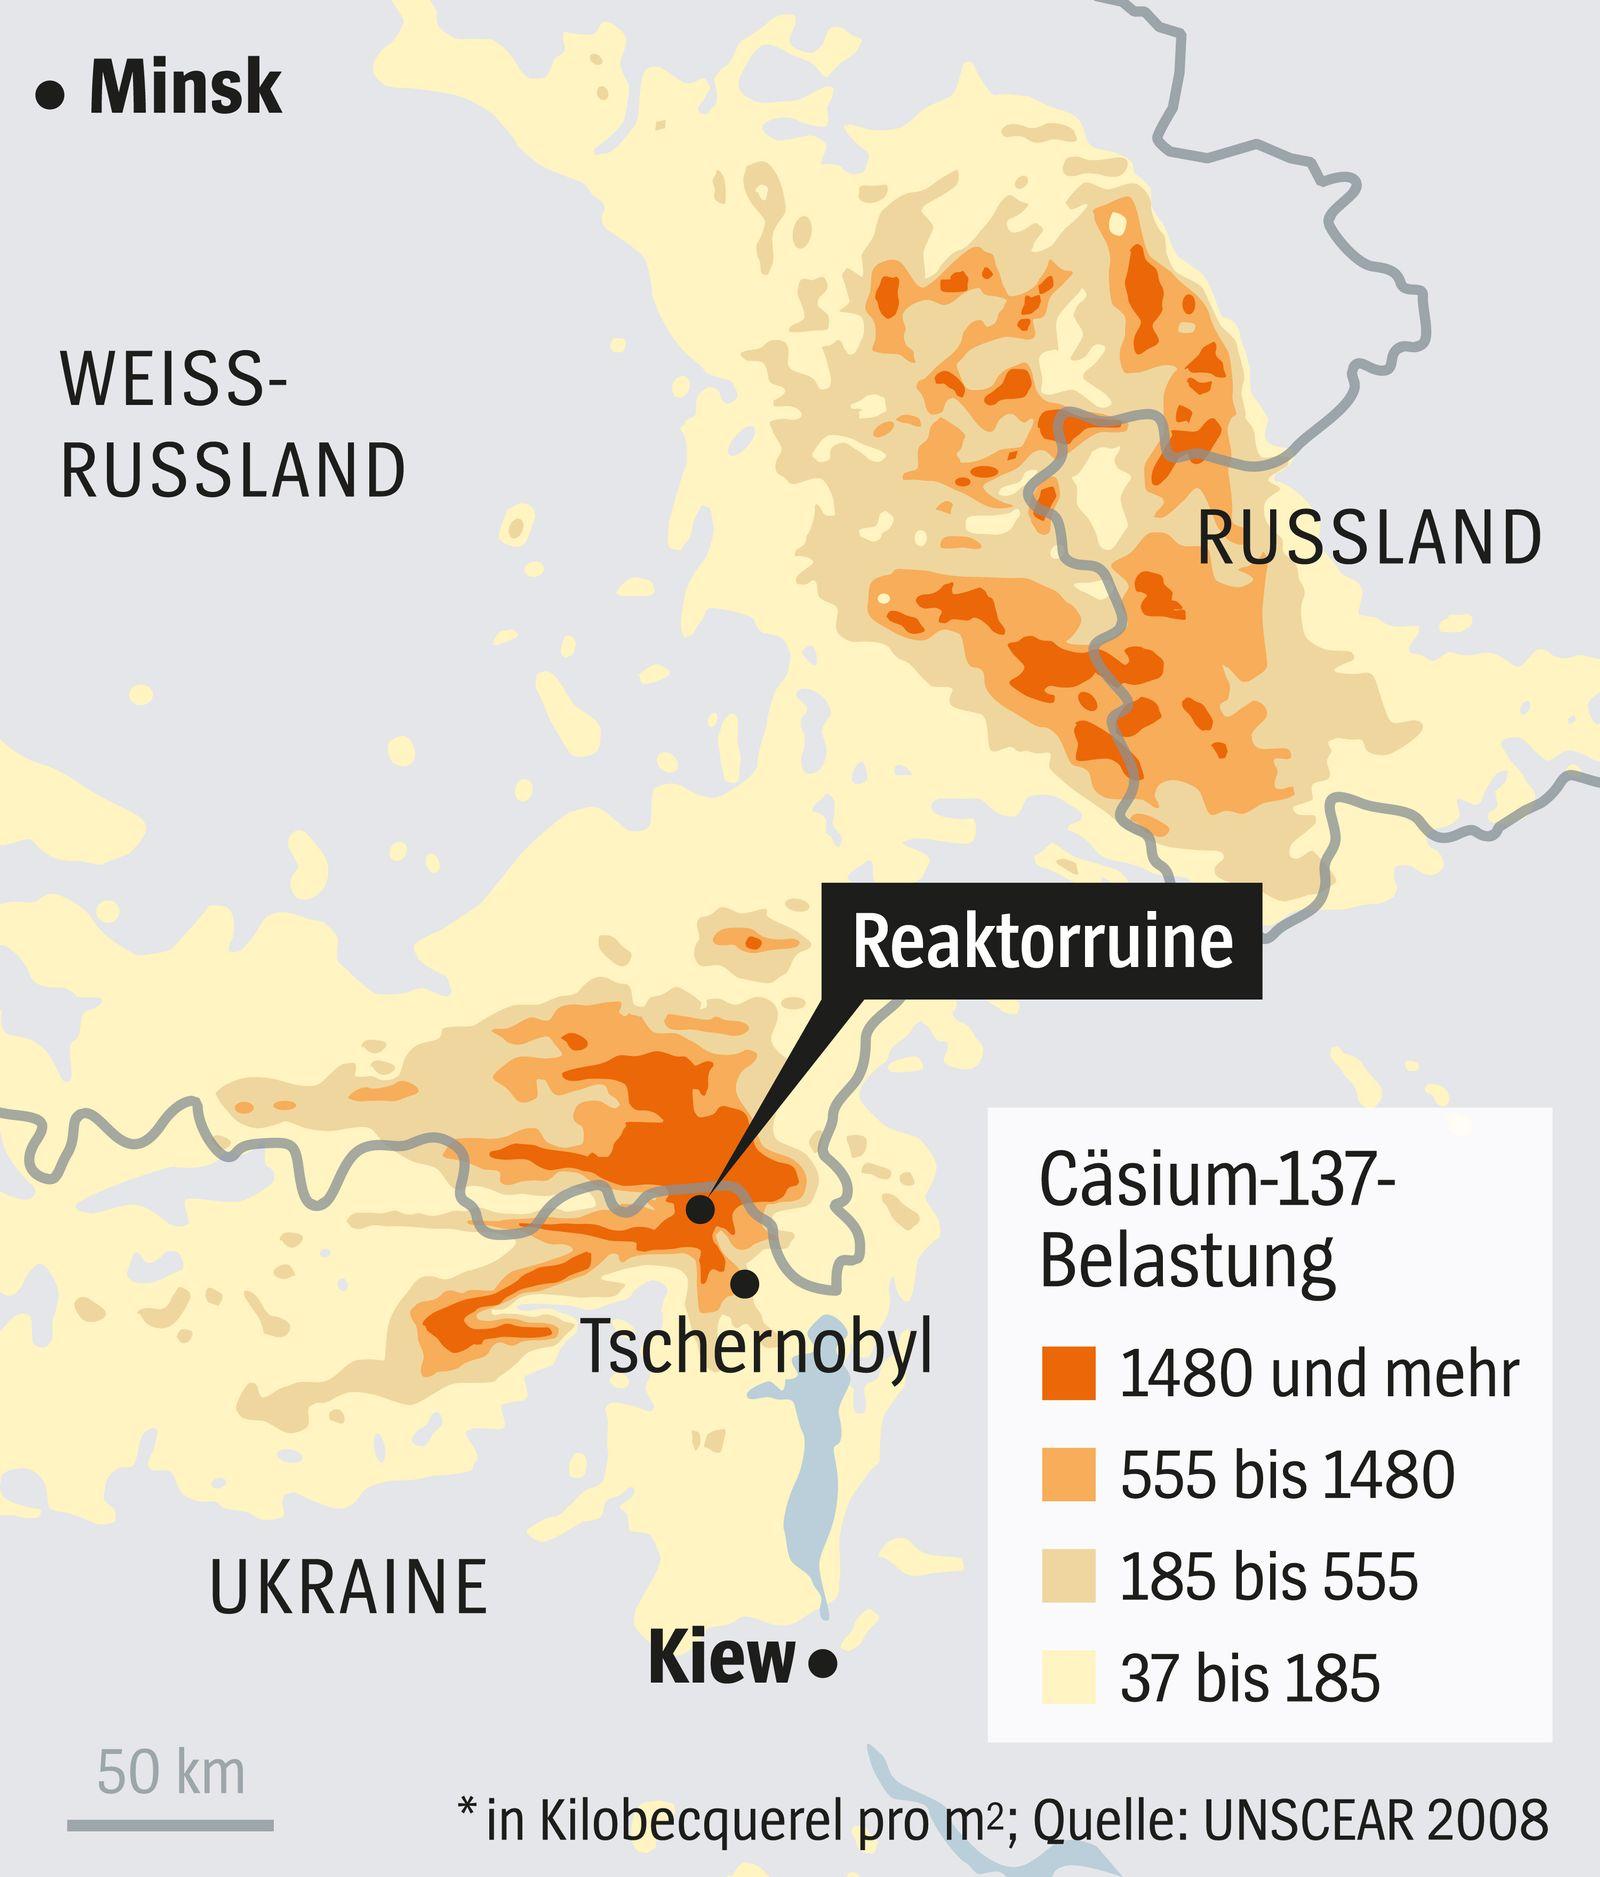 DER SPIEGEL 17/2016 Grafik / Karte / Tschernobyl